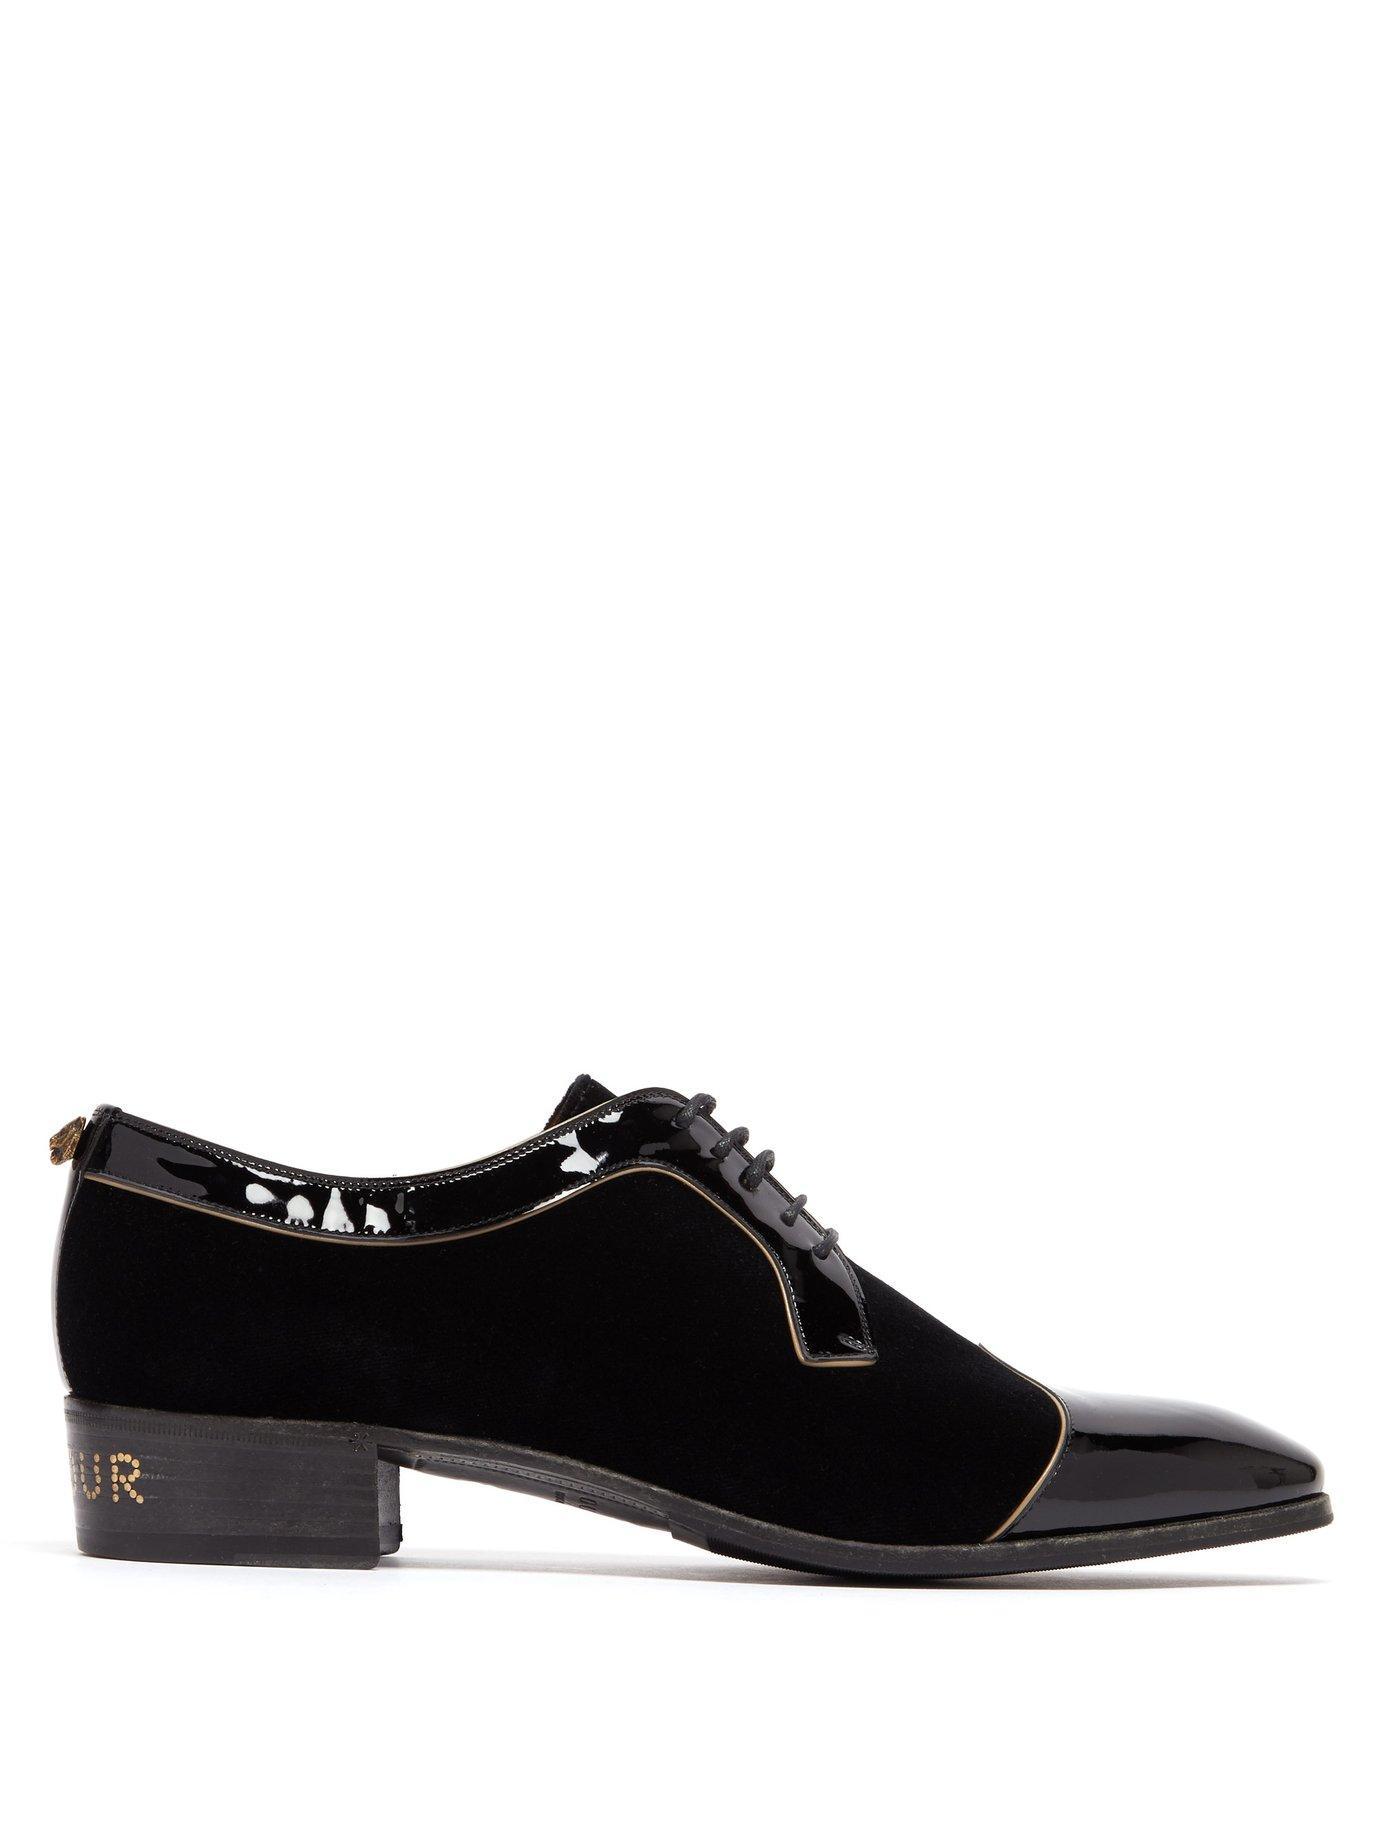 c537a99d12b Lyst - Gucci Réveille L amour Velvet Dress Shoes in Black for Men